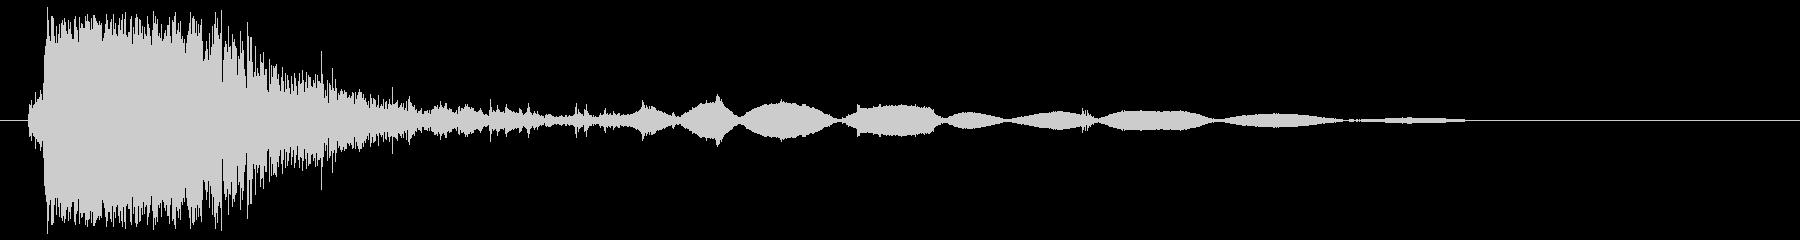 ガシャッ(物音)強めの未再生の波形